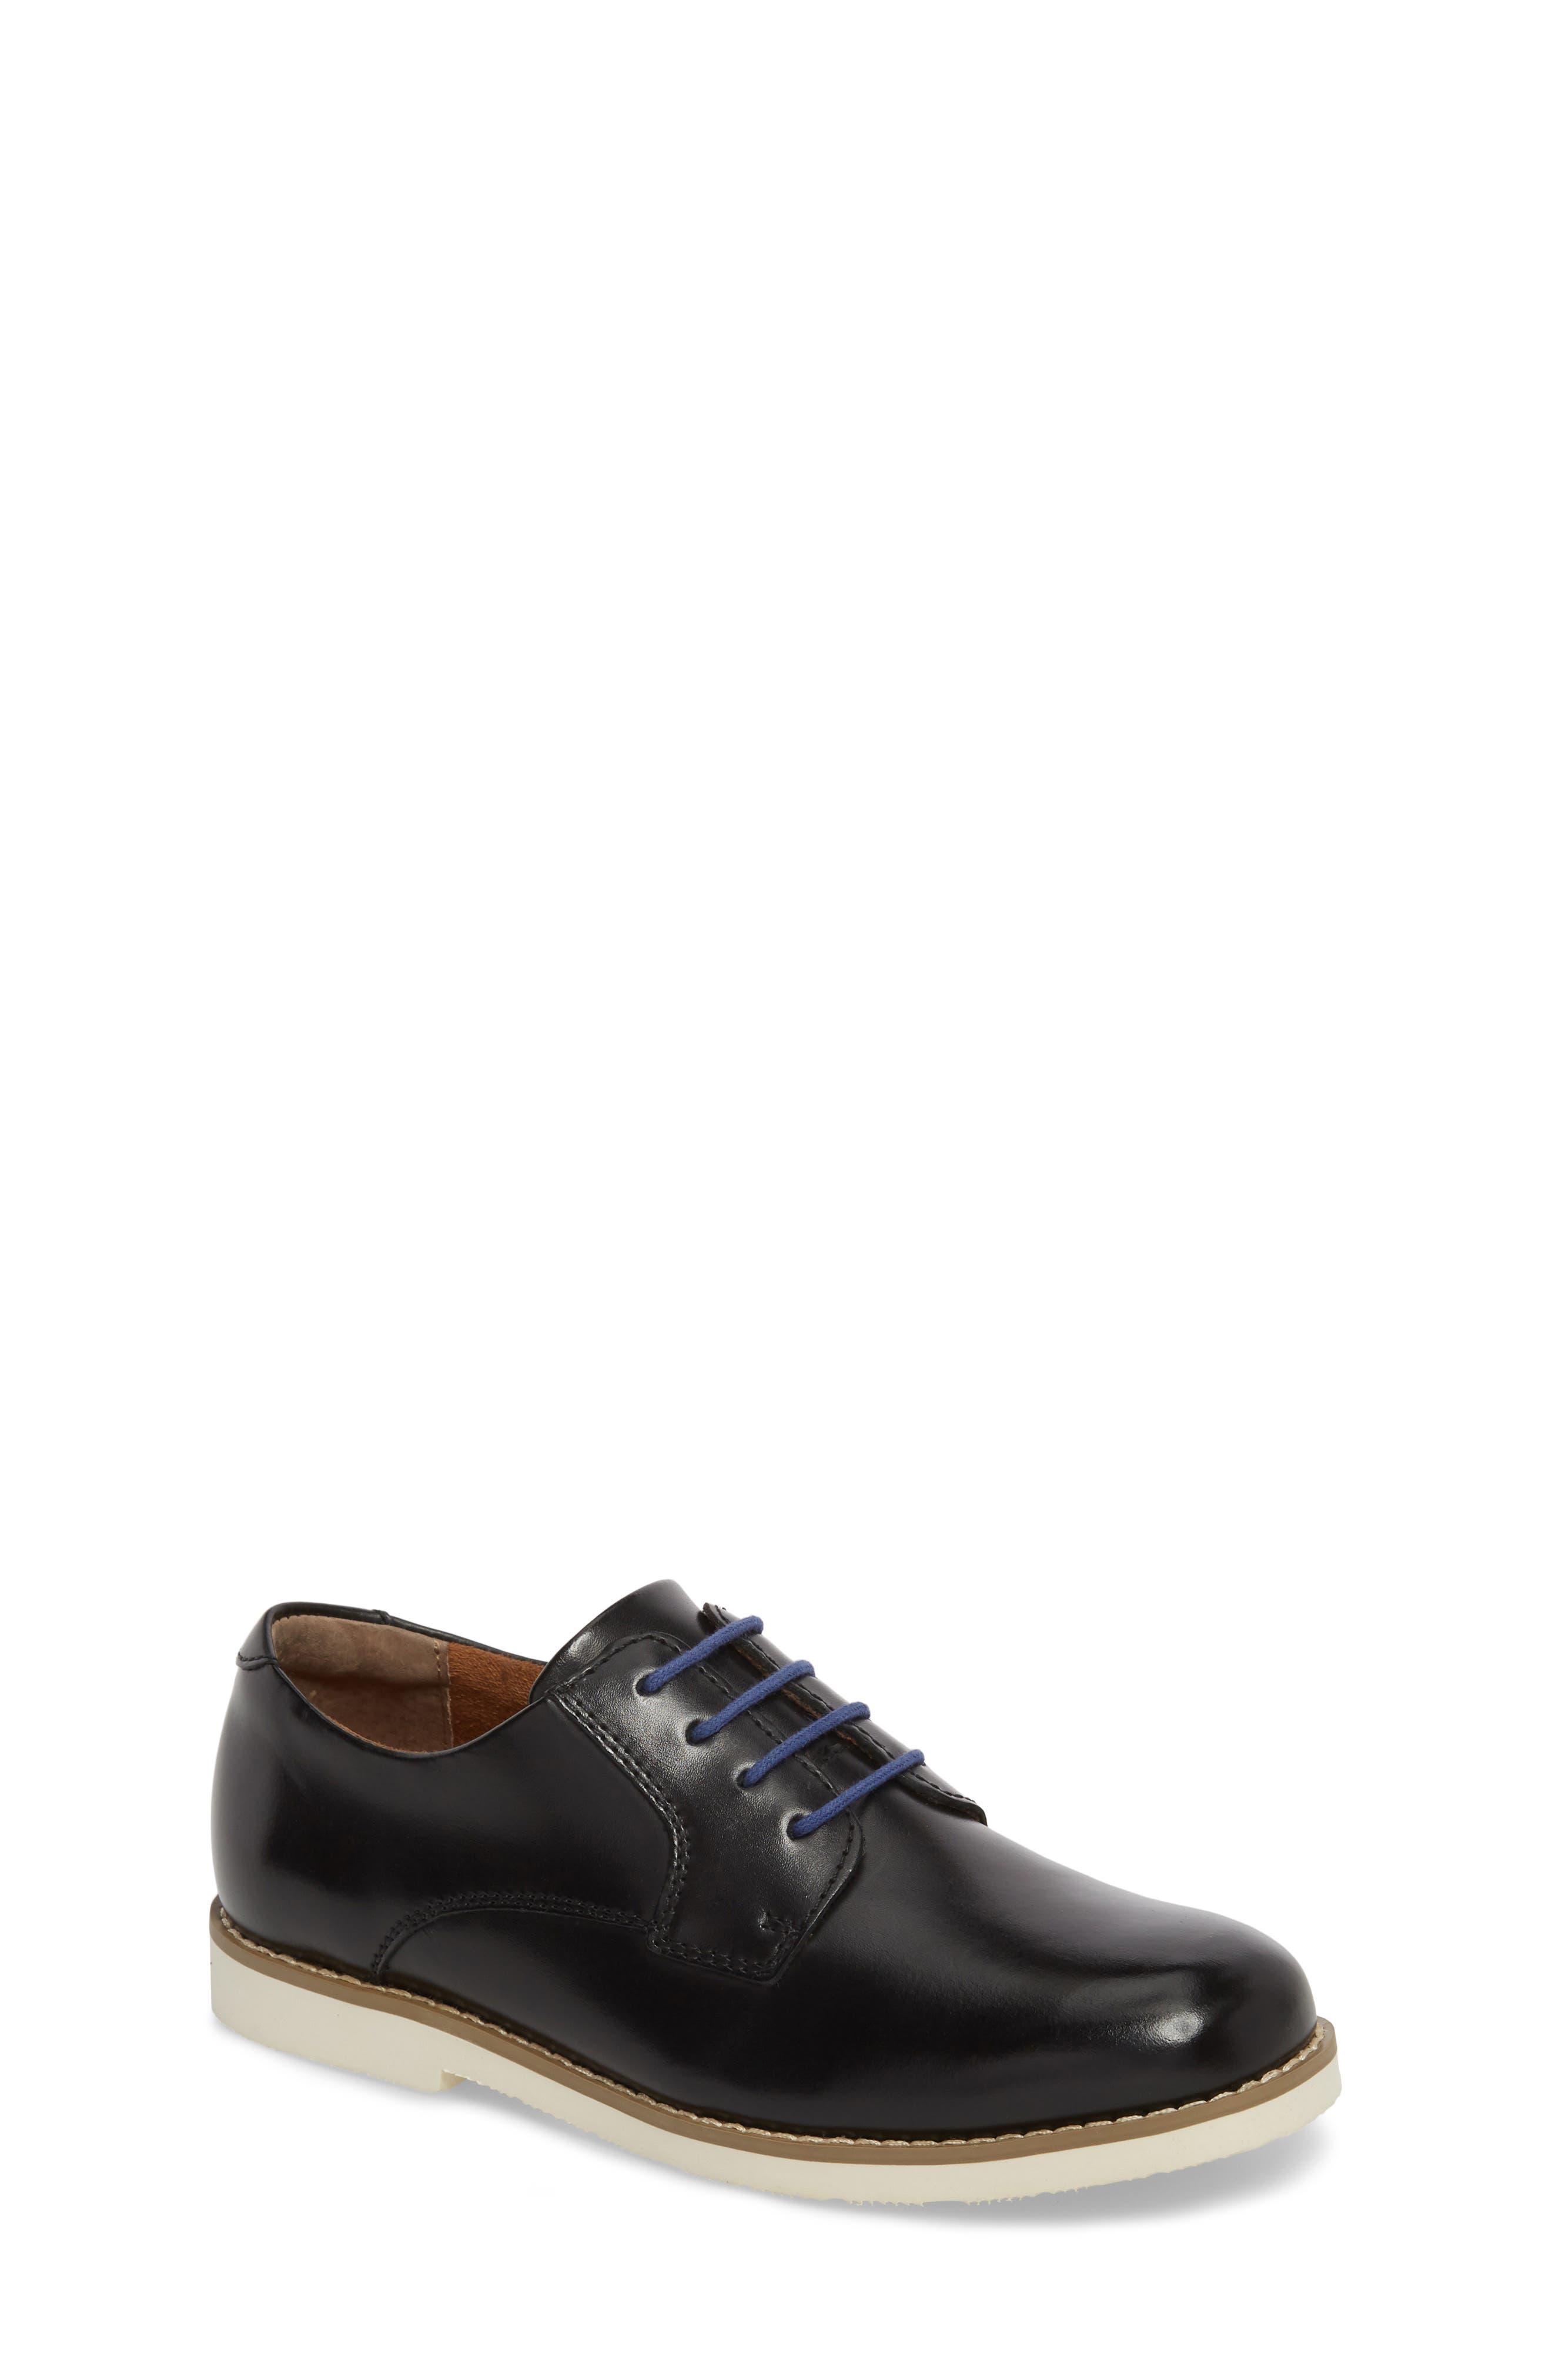 Kearny II Derby,                         Main,                         color, Black Leather